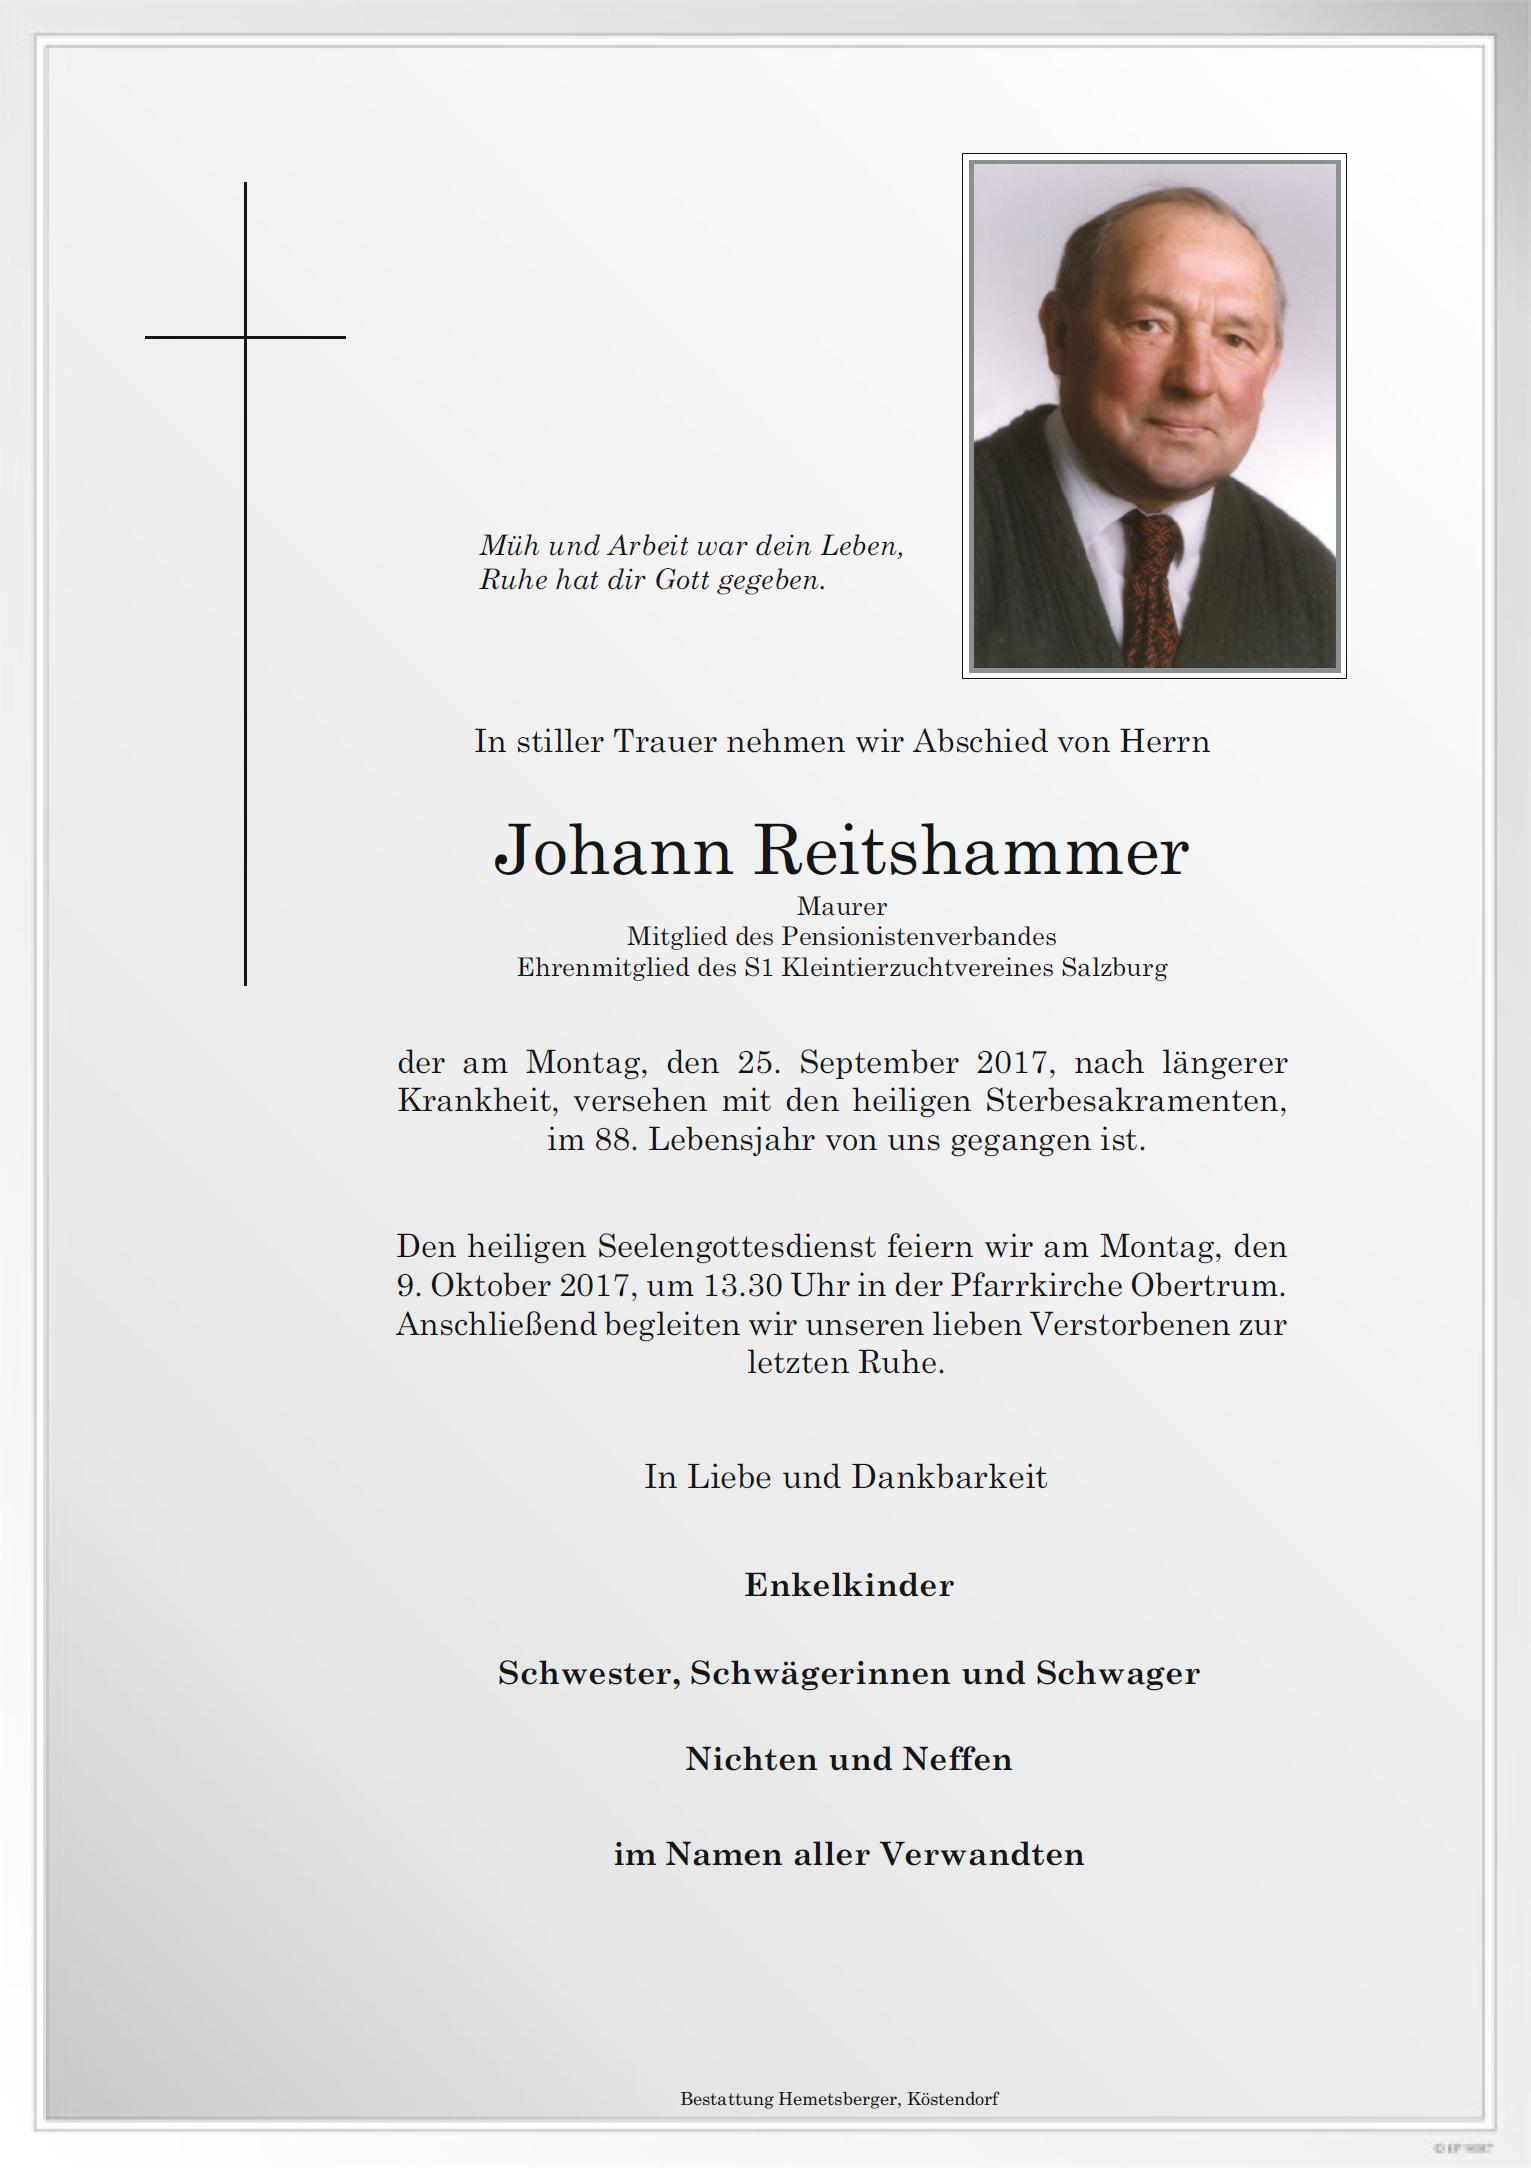 reitshammer parte